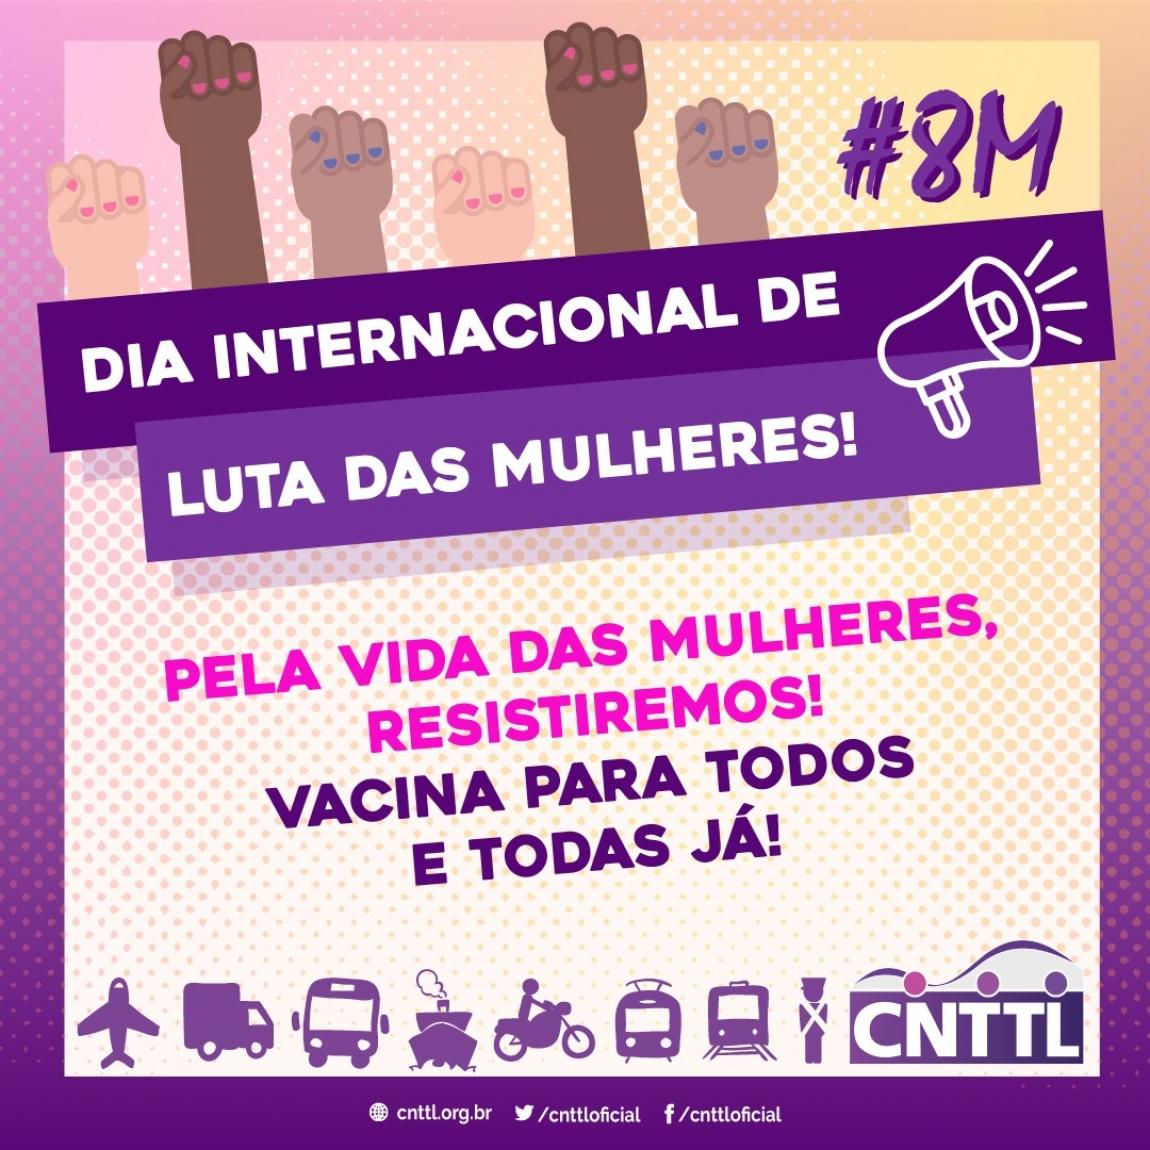 Imagem de 8 de março: Dia Internacional de Luta das Mulheres